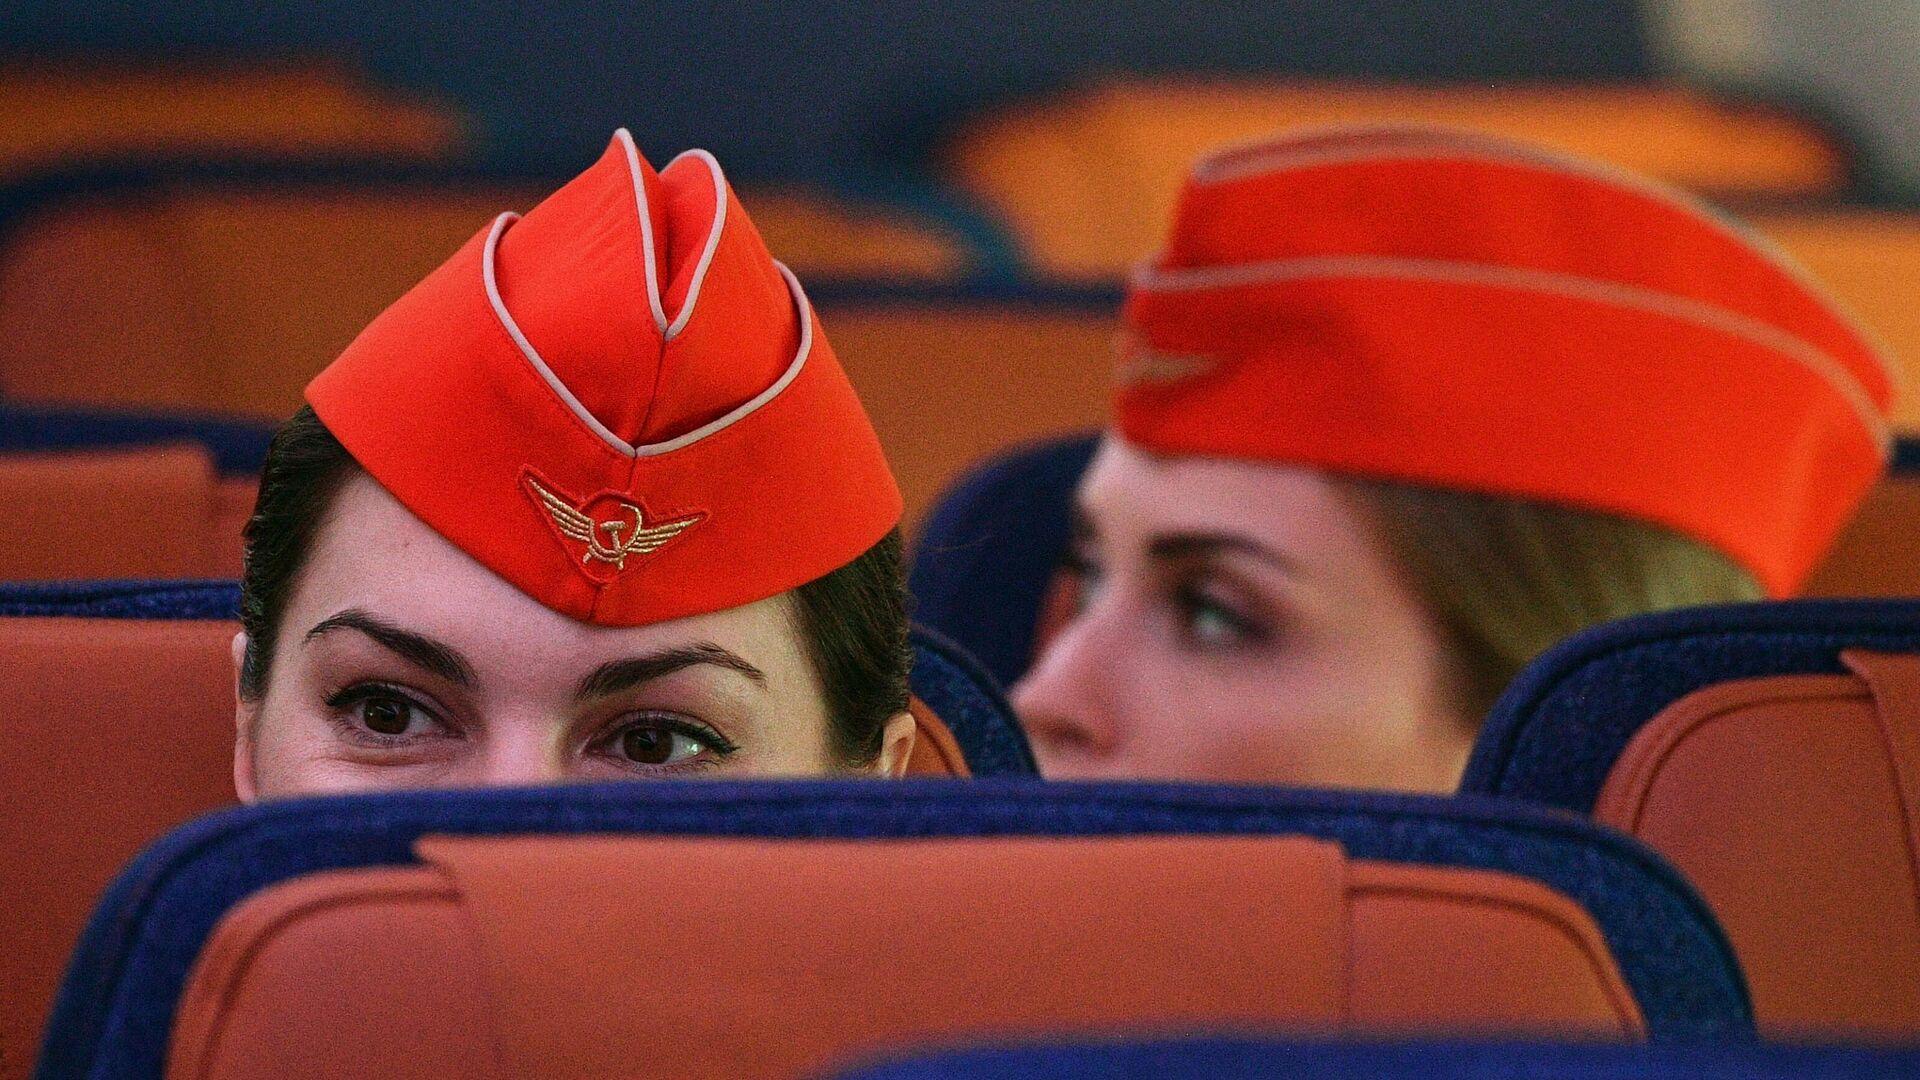 Стюардессы в салоне дальнемагистрального широкофюзеляжного пассажирского самолета Airbus A350-900  - РИА Новости, 1920, 25.10.2020